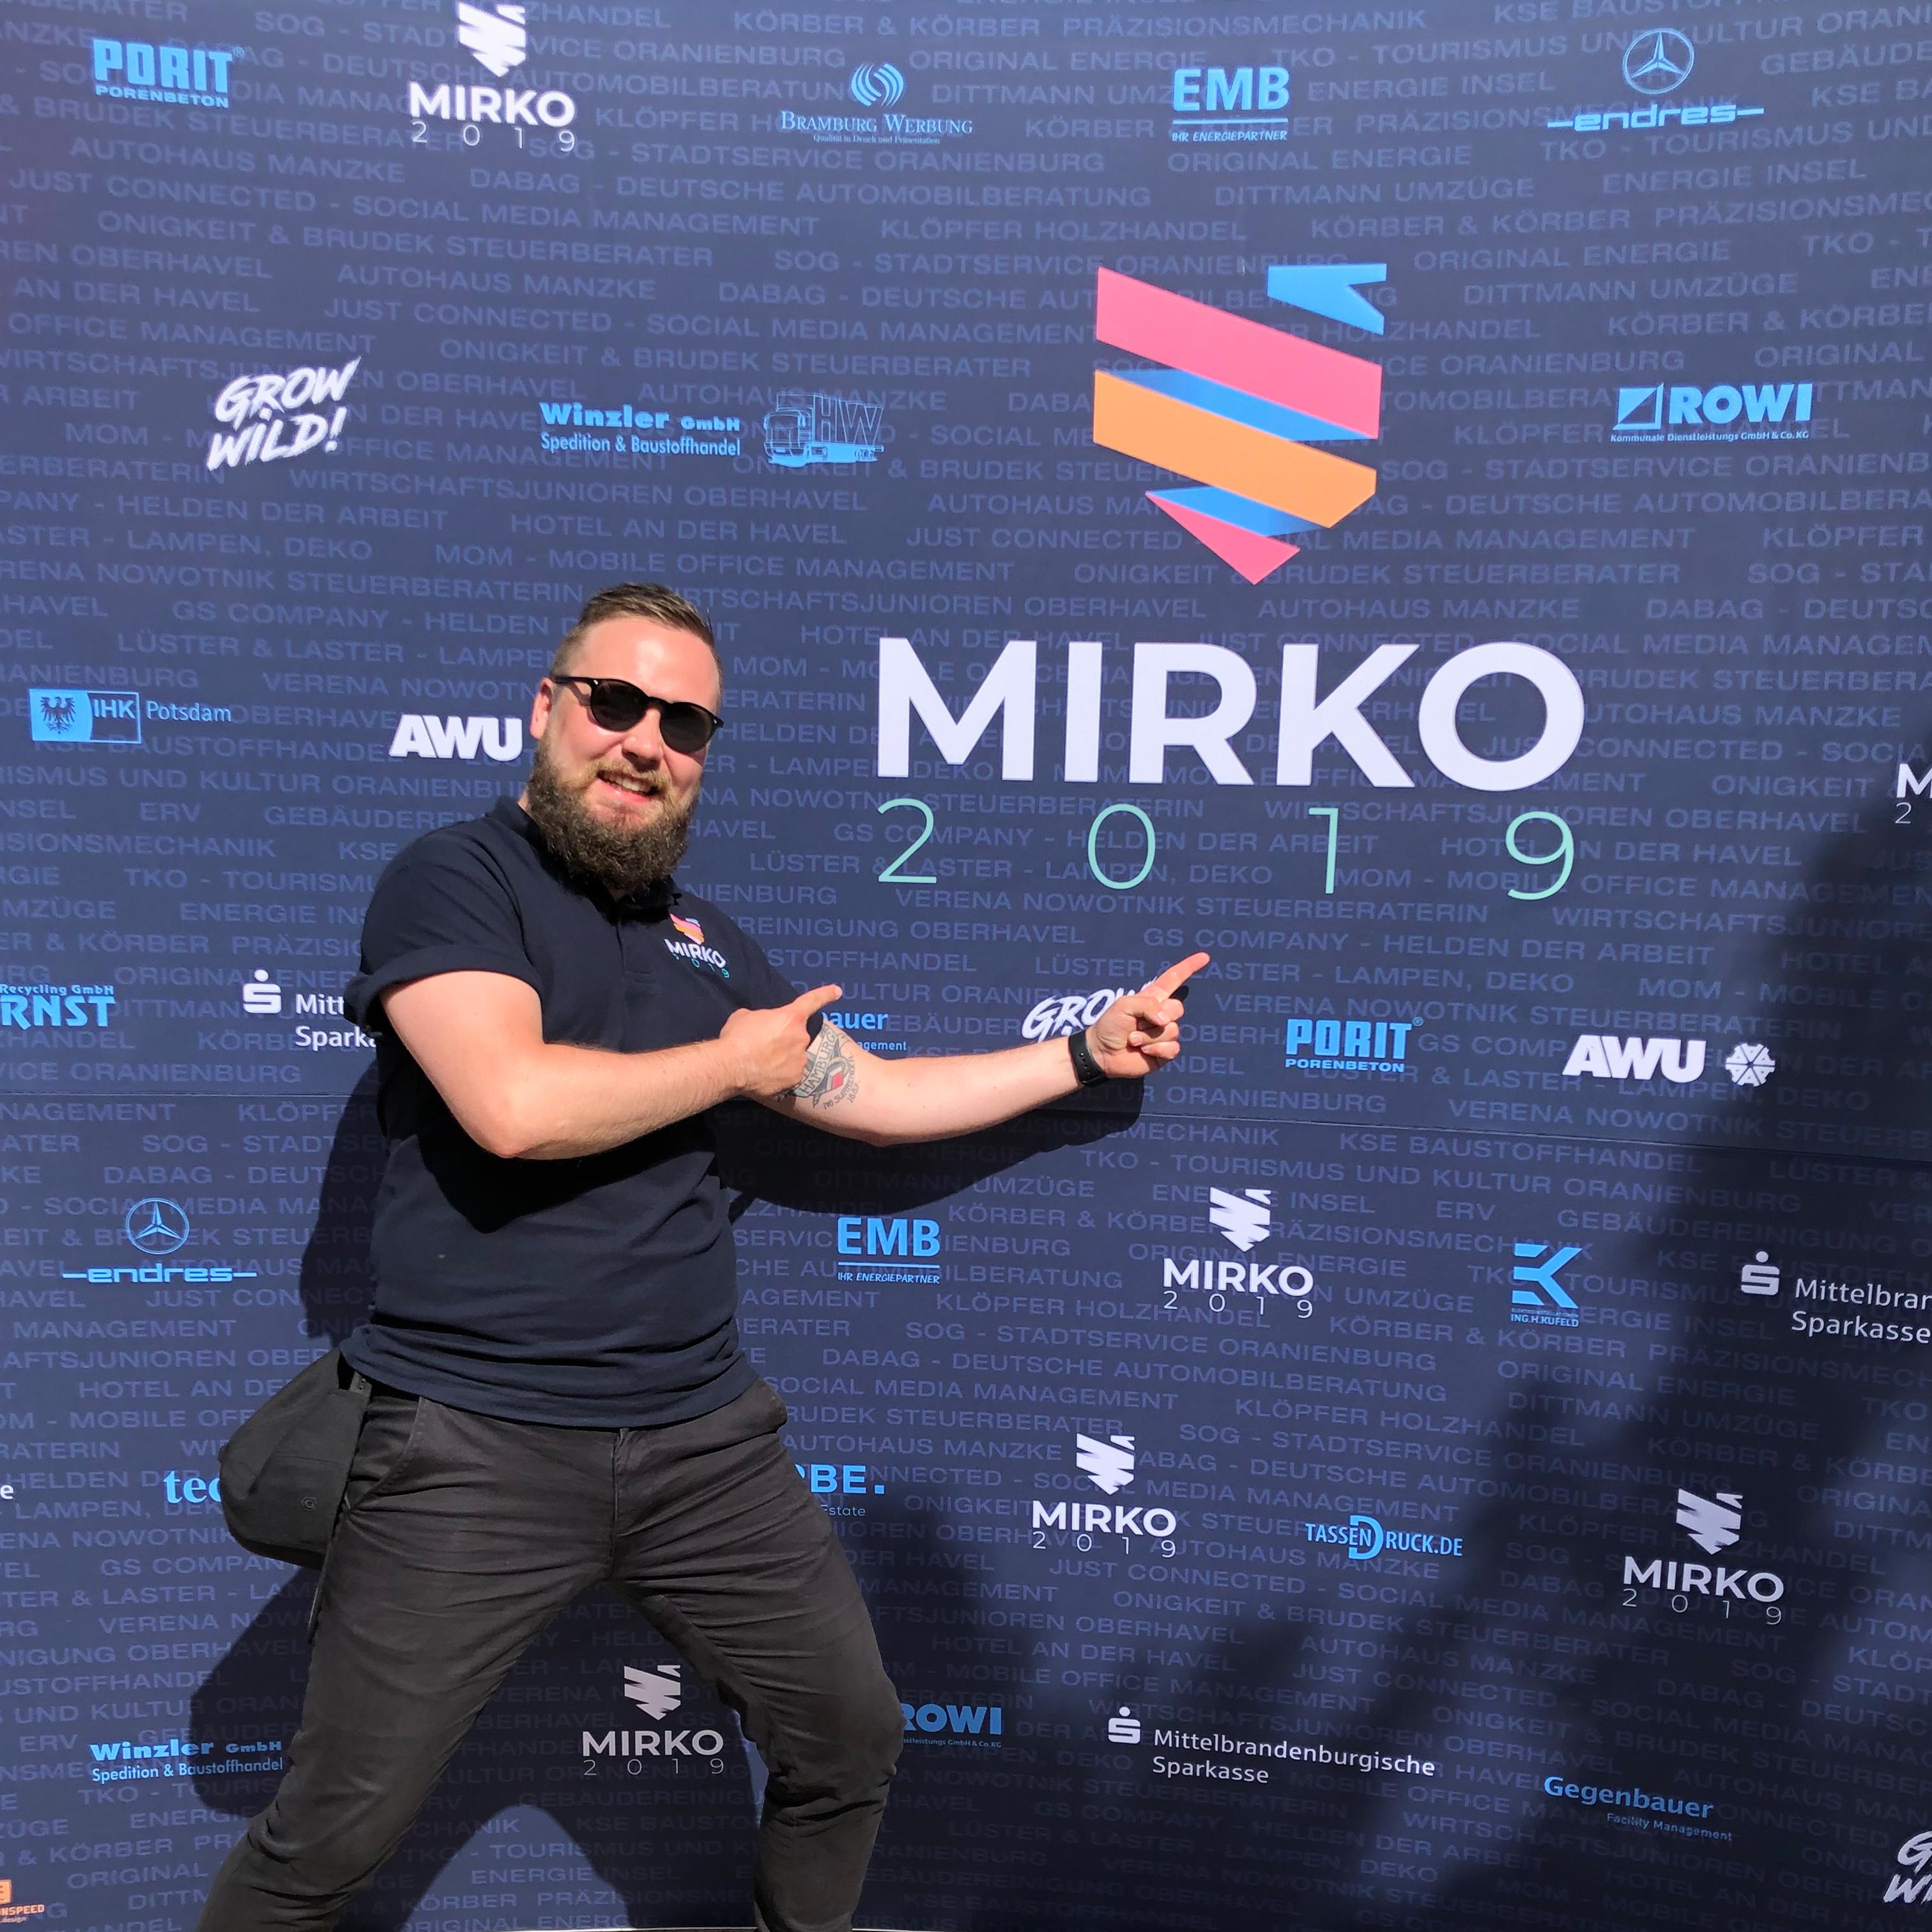 mirko2019_rene_wand_blau_logo_wjohv_design_nitschke.jpg